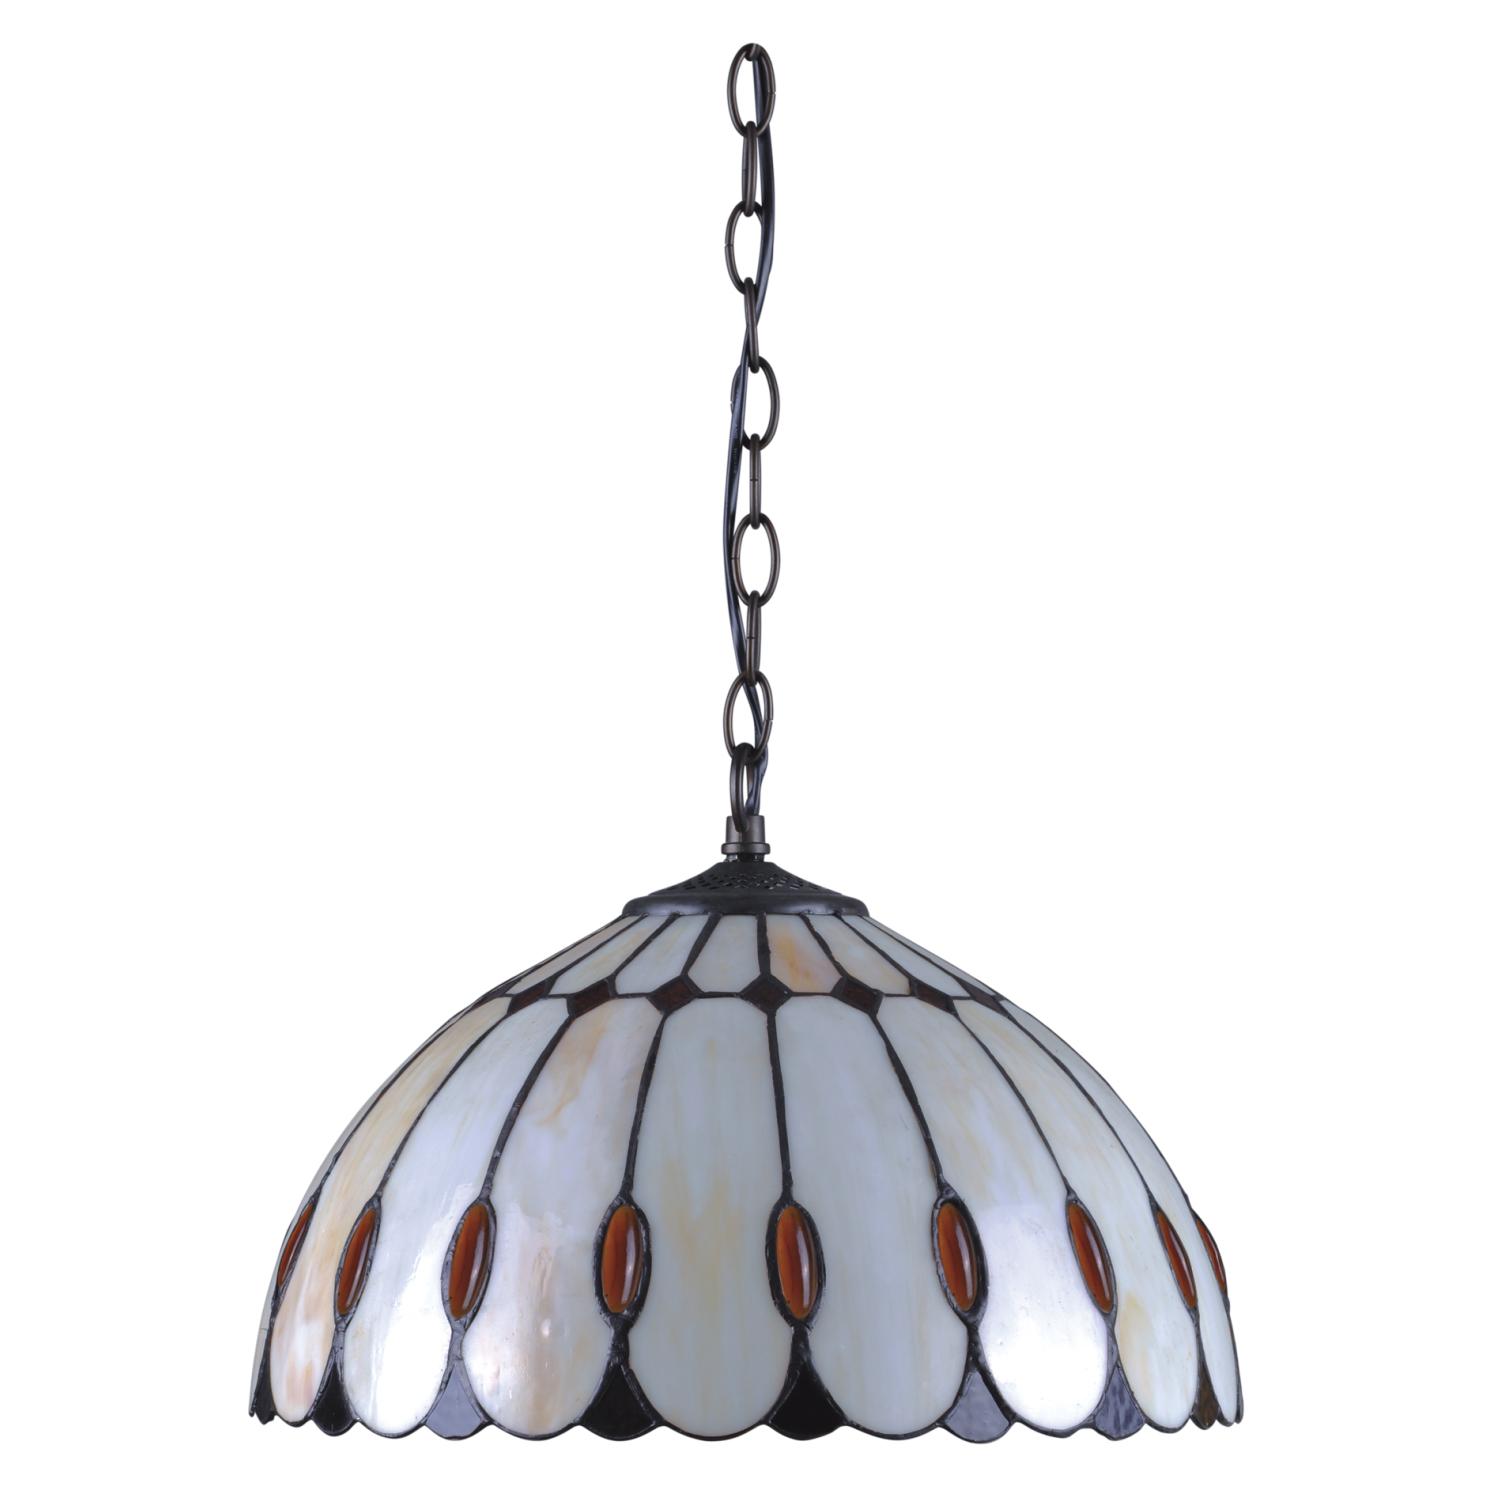 Catania Lampa Wisząca Witrażowa W Stylu Tiffany K P162611